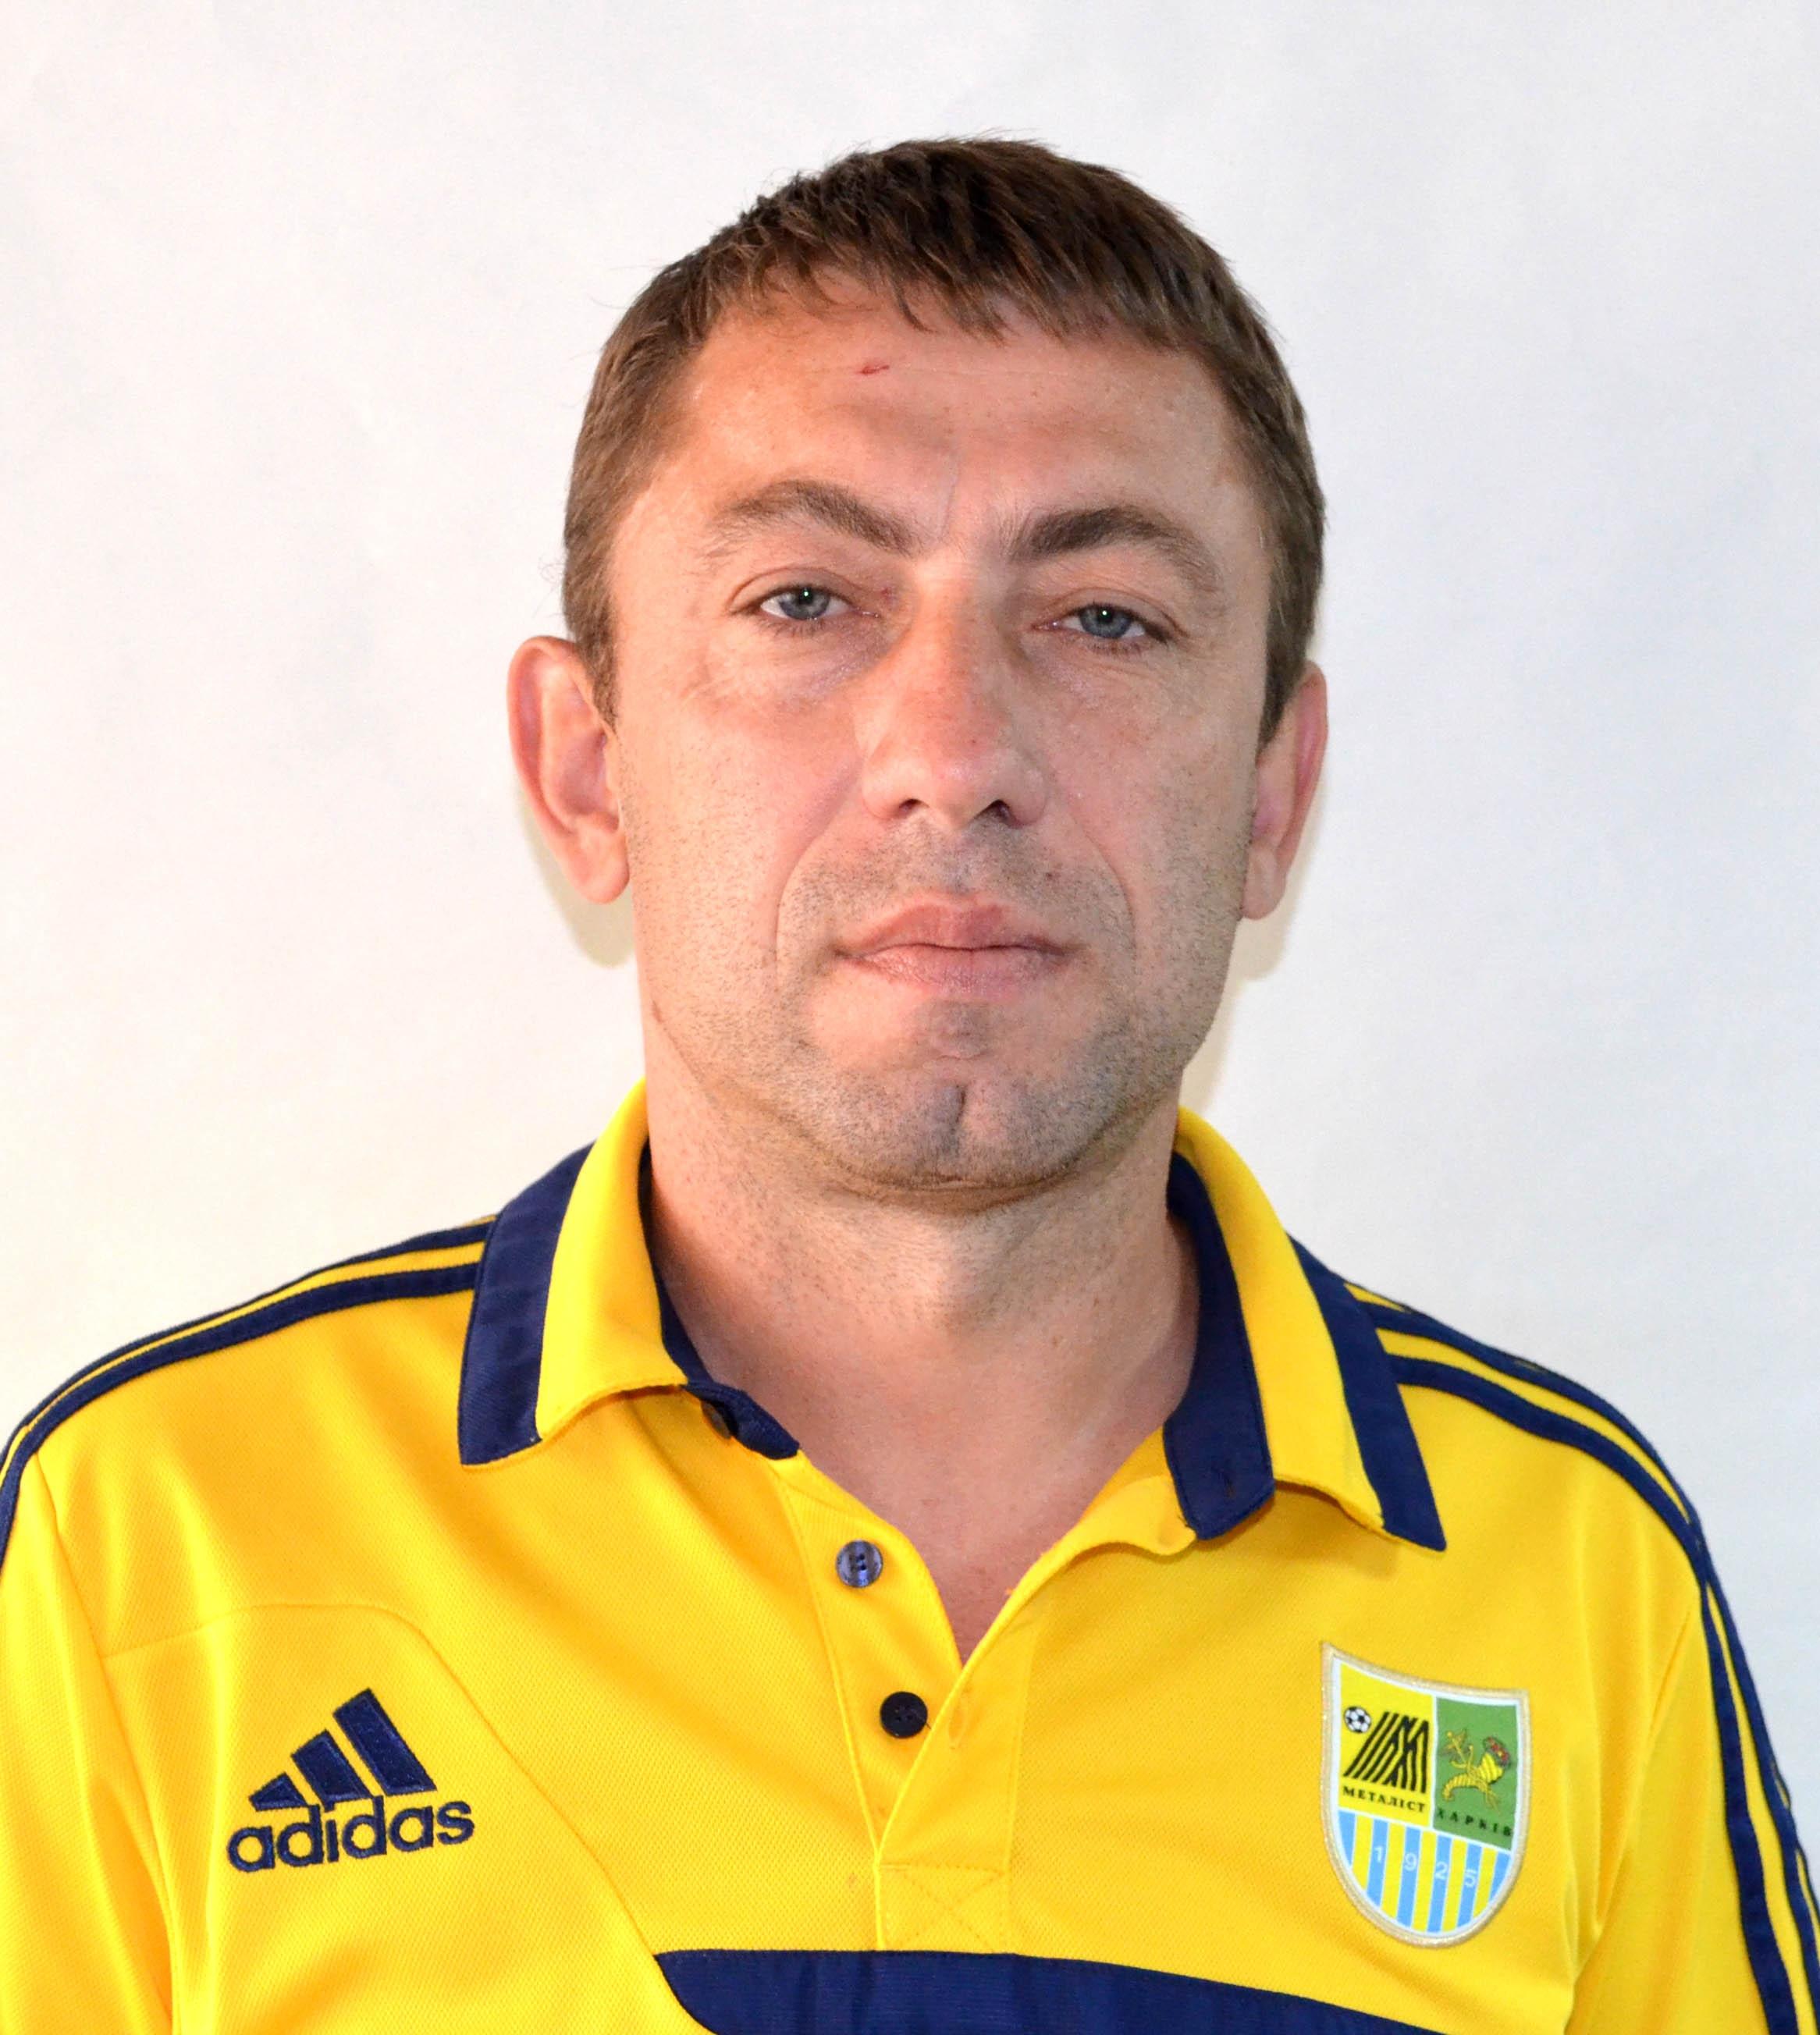 Призетко Олександр Сергійович